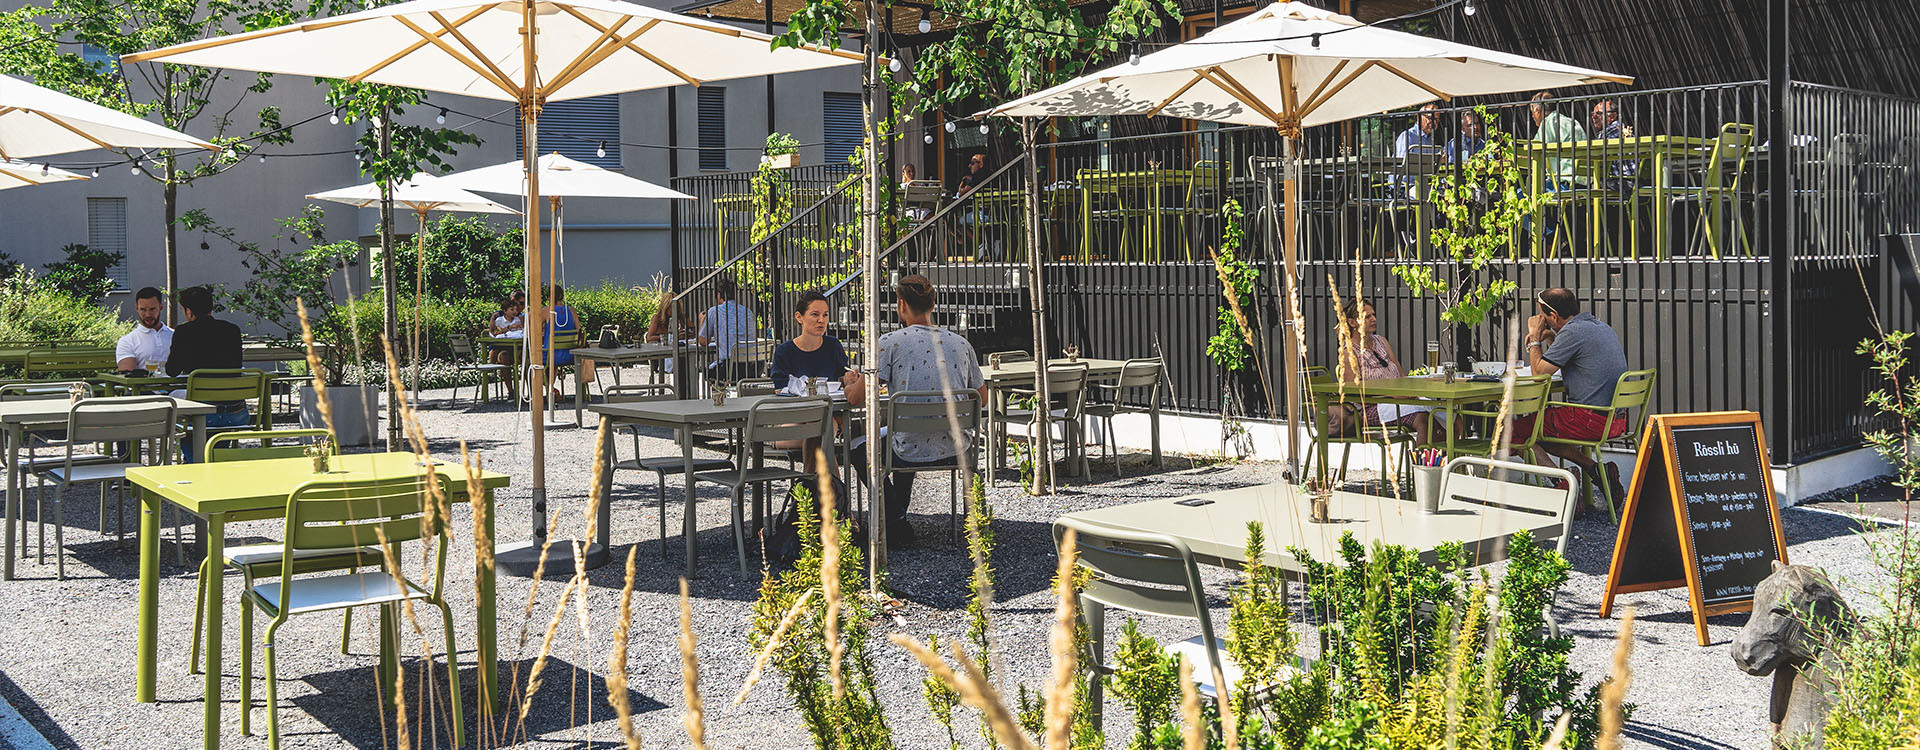 Terrasse des Restaurants Rössli Hü in Root